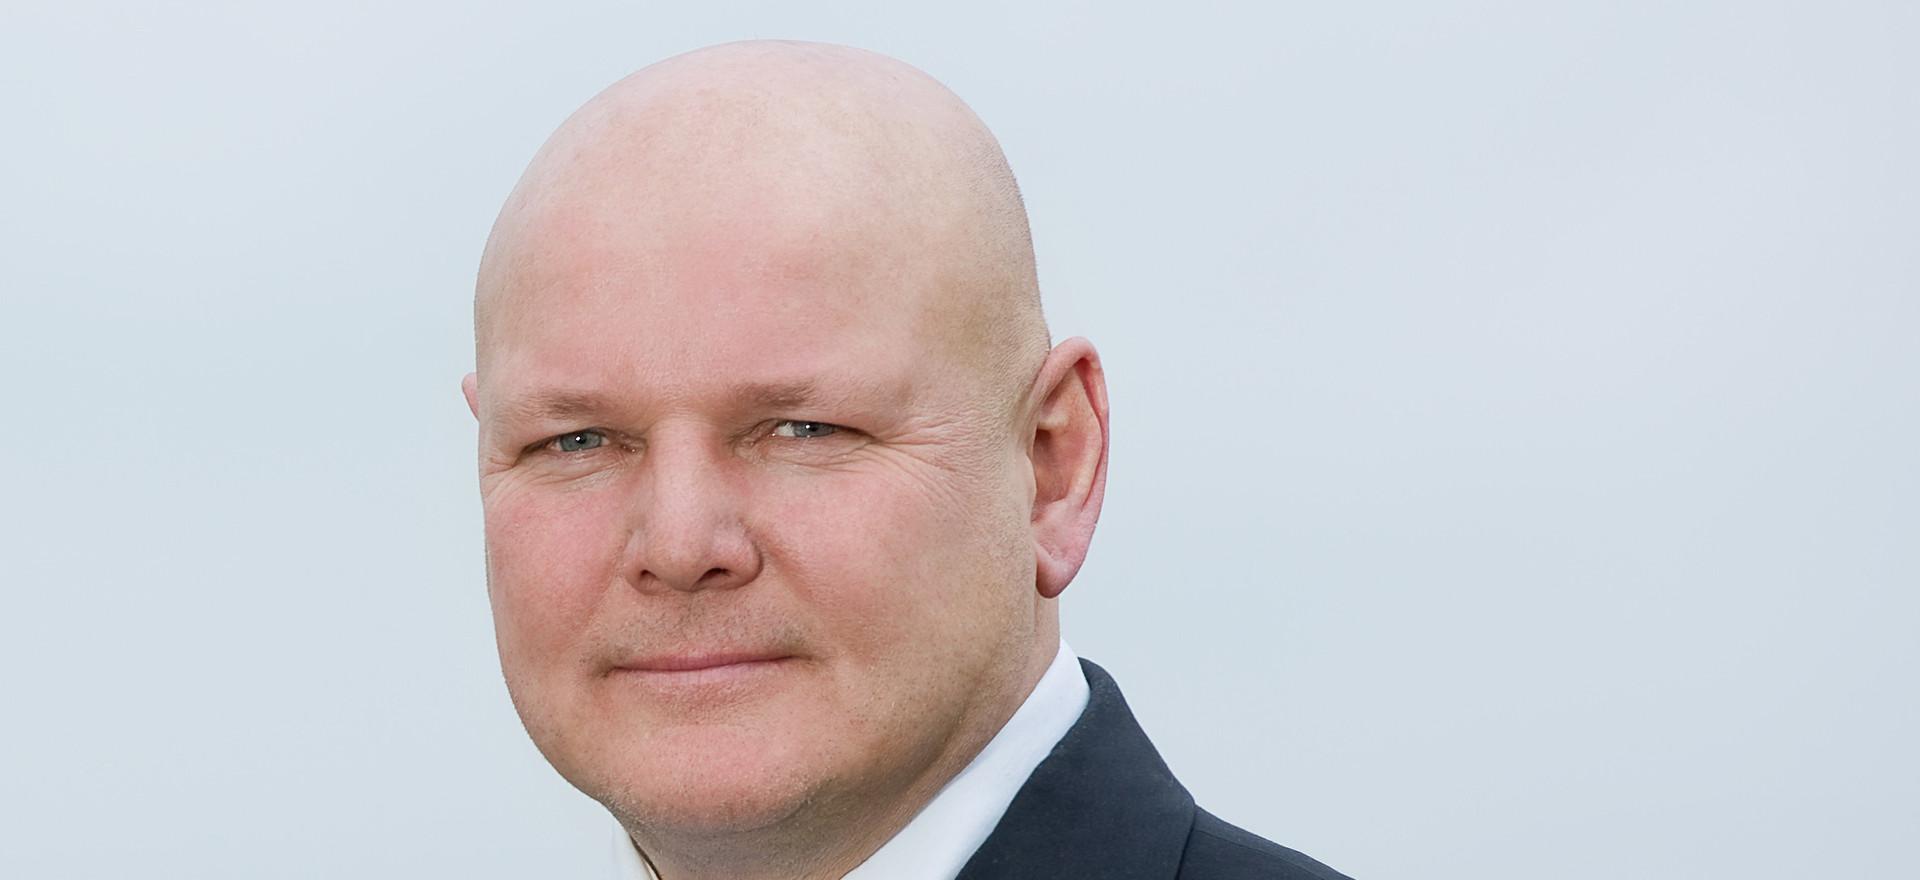 Jürgen Pfitzer aus Beilstein, Geschäftsführender Gesellschafter der TECNARO GmbH in Ilsfeld, Mitglied im Senat der Wirtschaft Deutschland und im Senate of Economy Europe